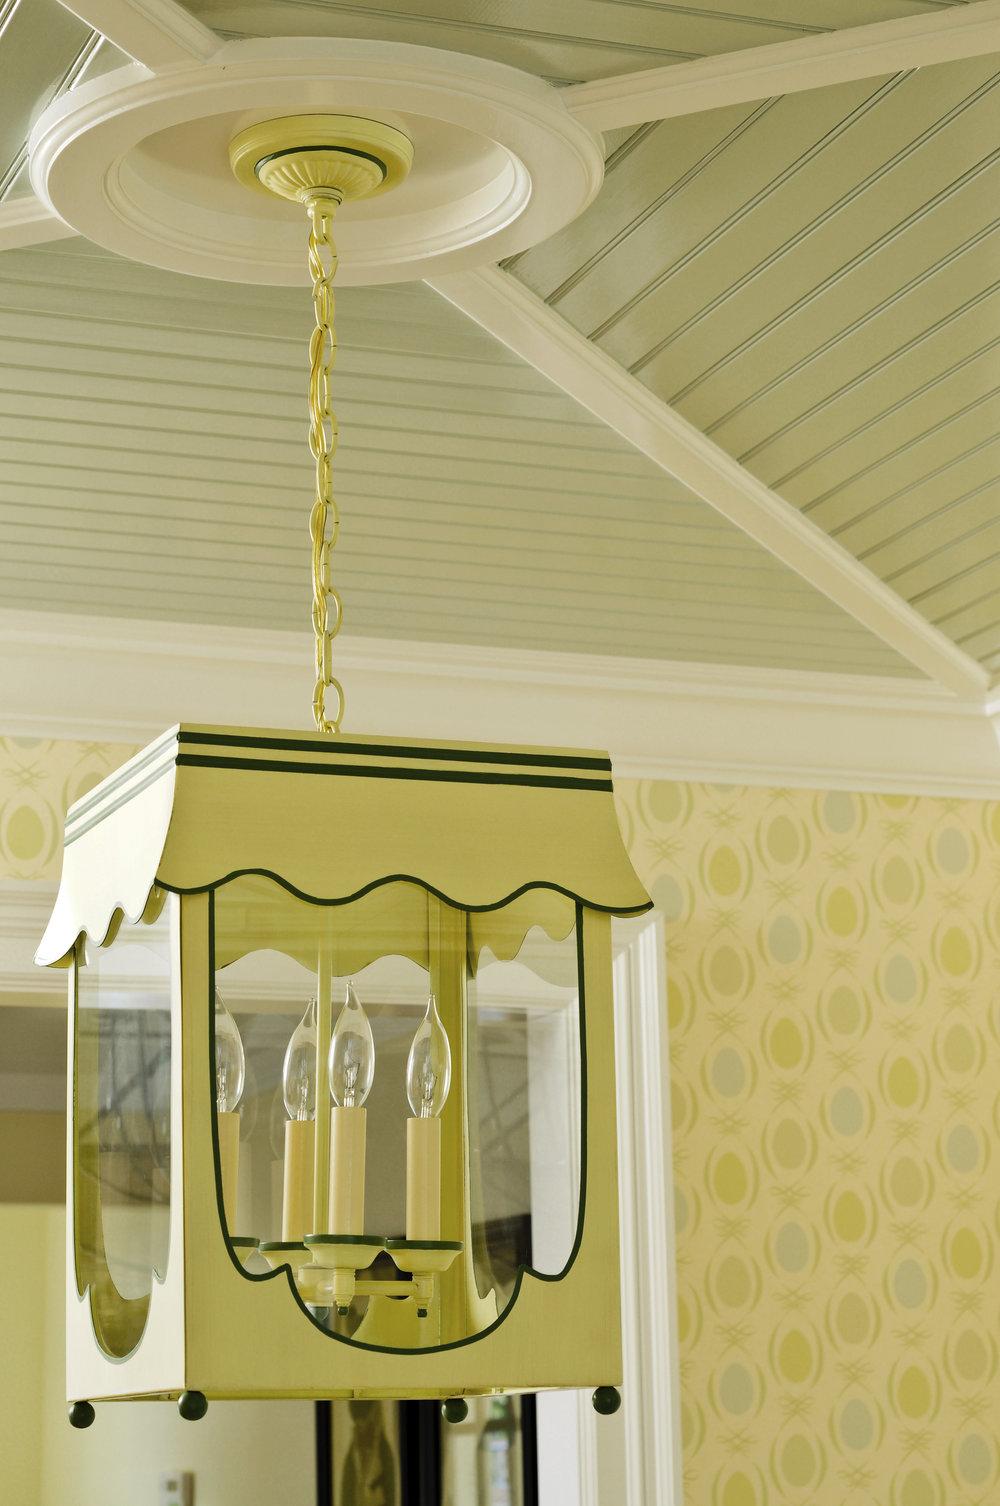 2012-1-6 Dining Room Detail.jpg